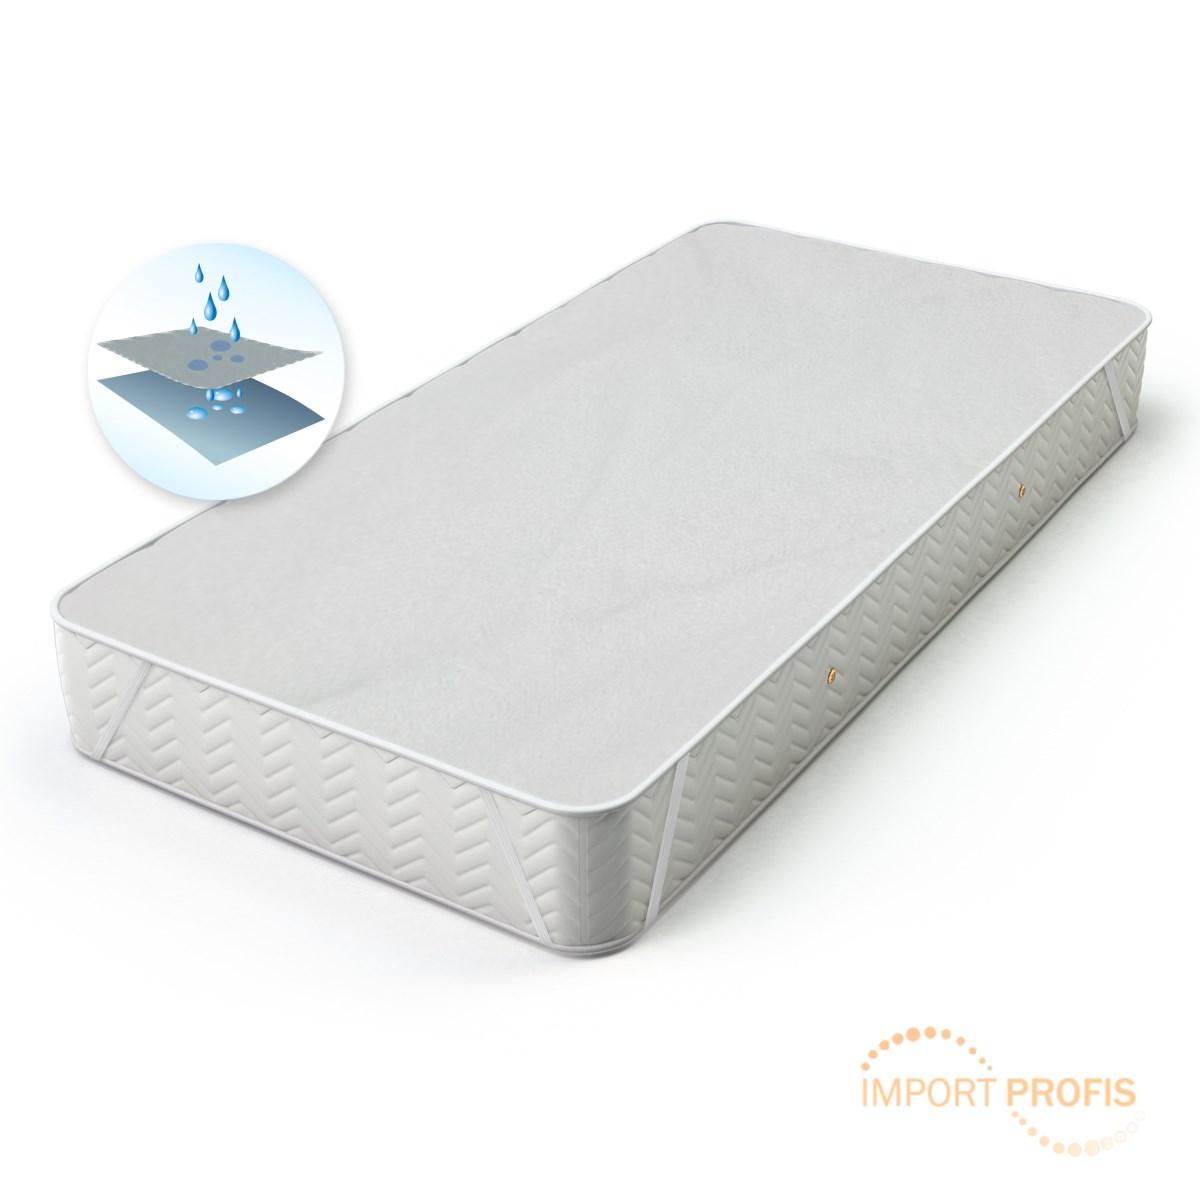 matratzenschoner wasserdicht 160x200 cm aus baumwolle matratzen matratzenschutz 4056682215474 ebay. Black Bedroom Furniture Sets. Home Design Ideas